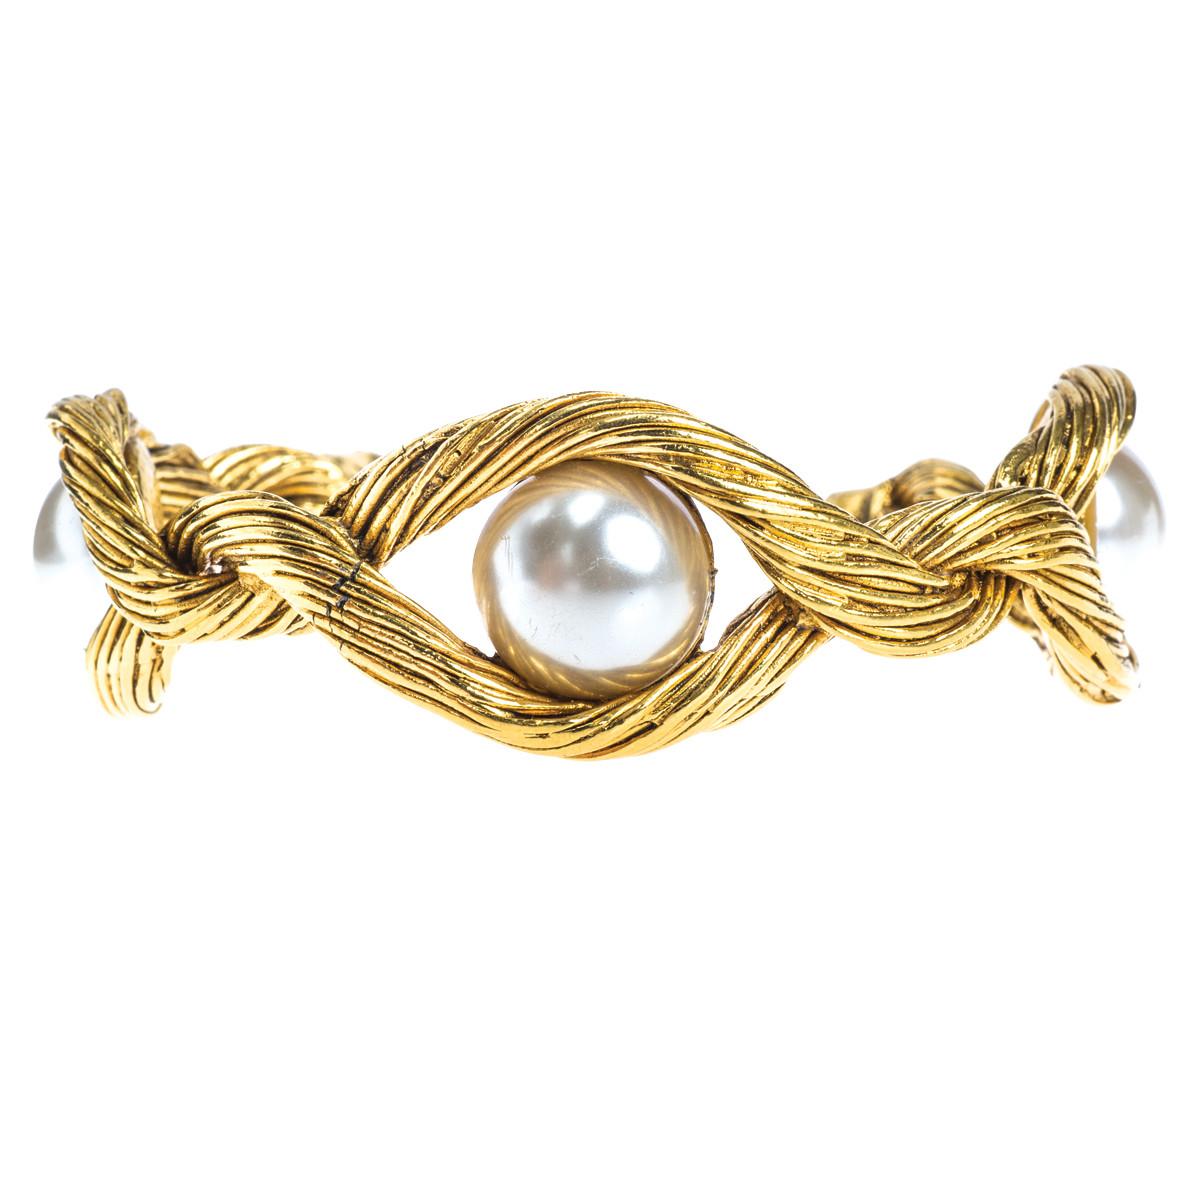 Vintag Chanel Pearl Cuff